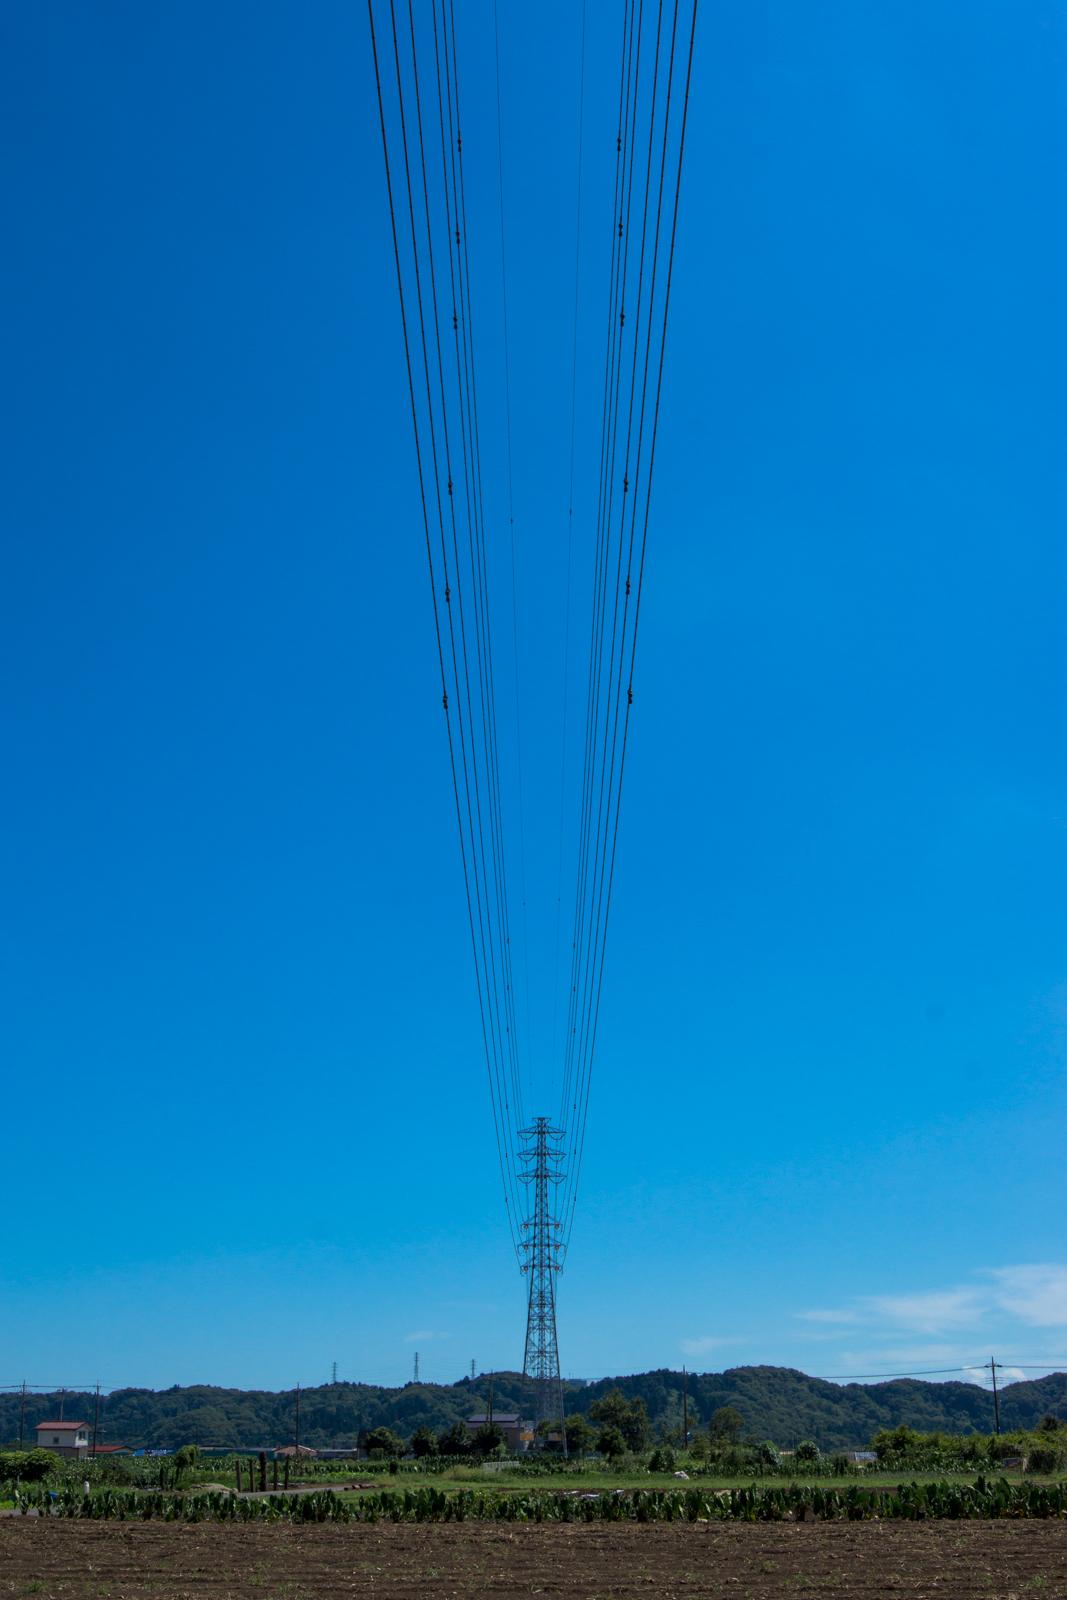 青空と電線の写真